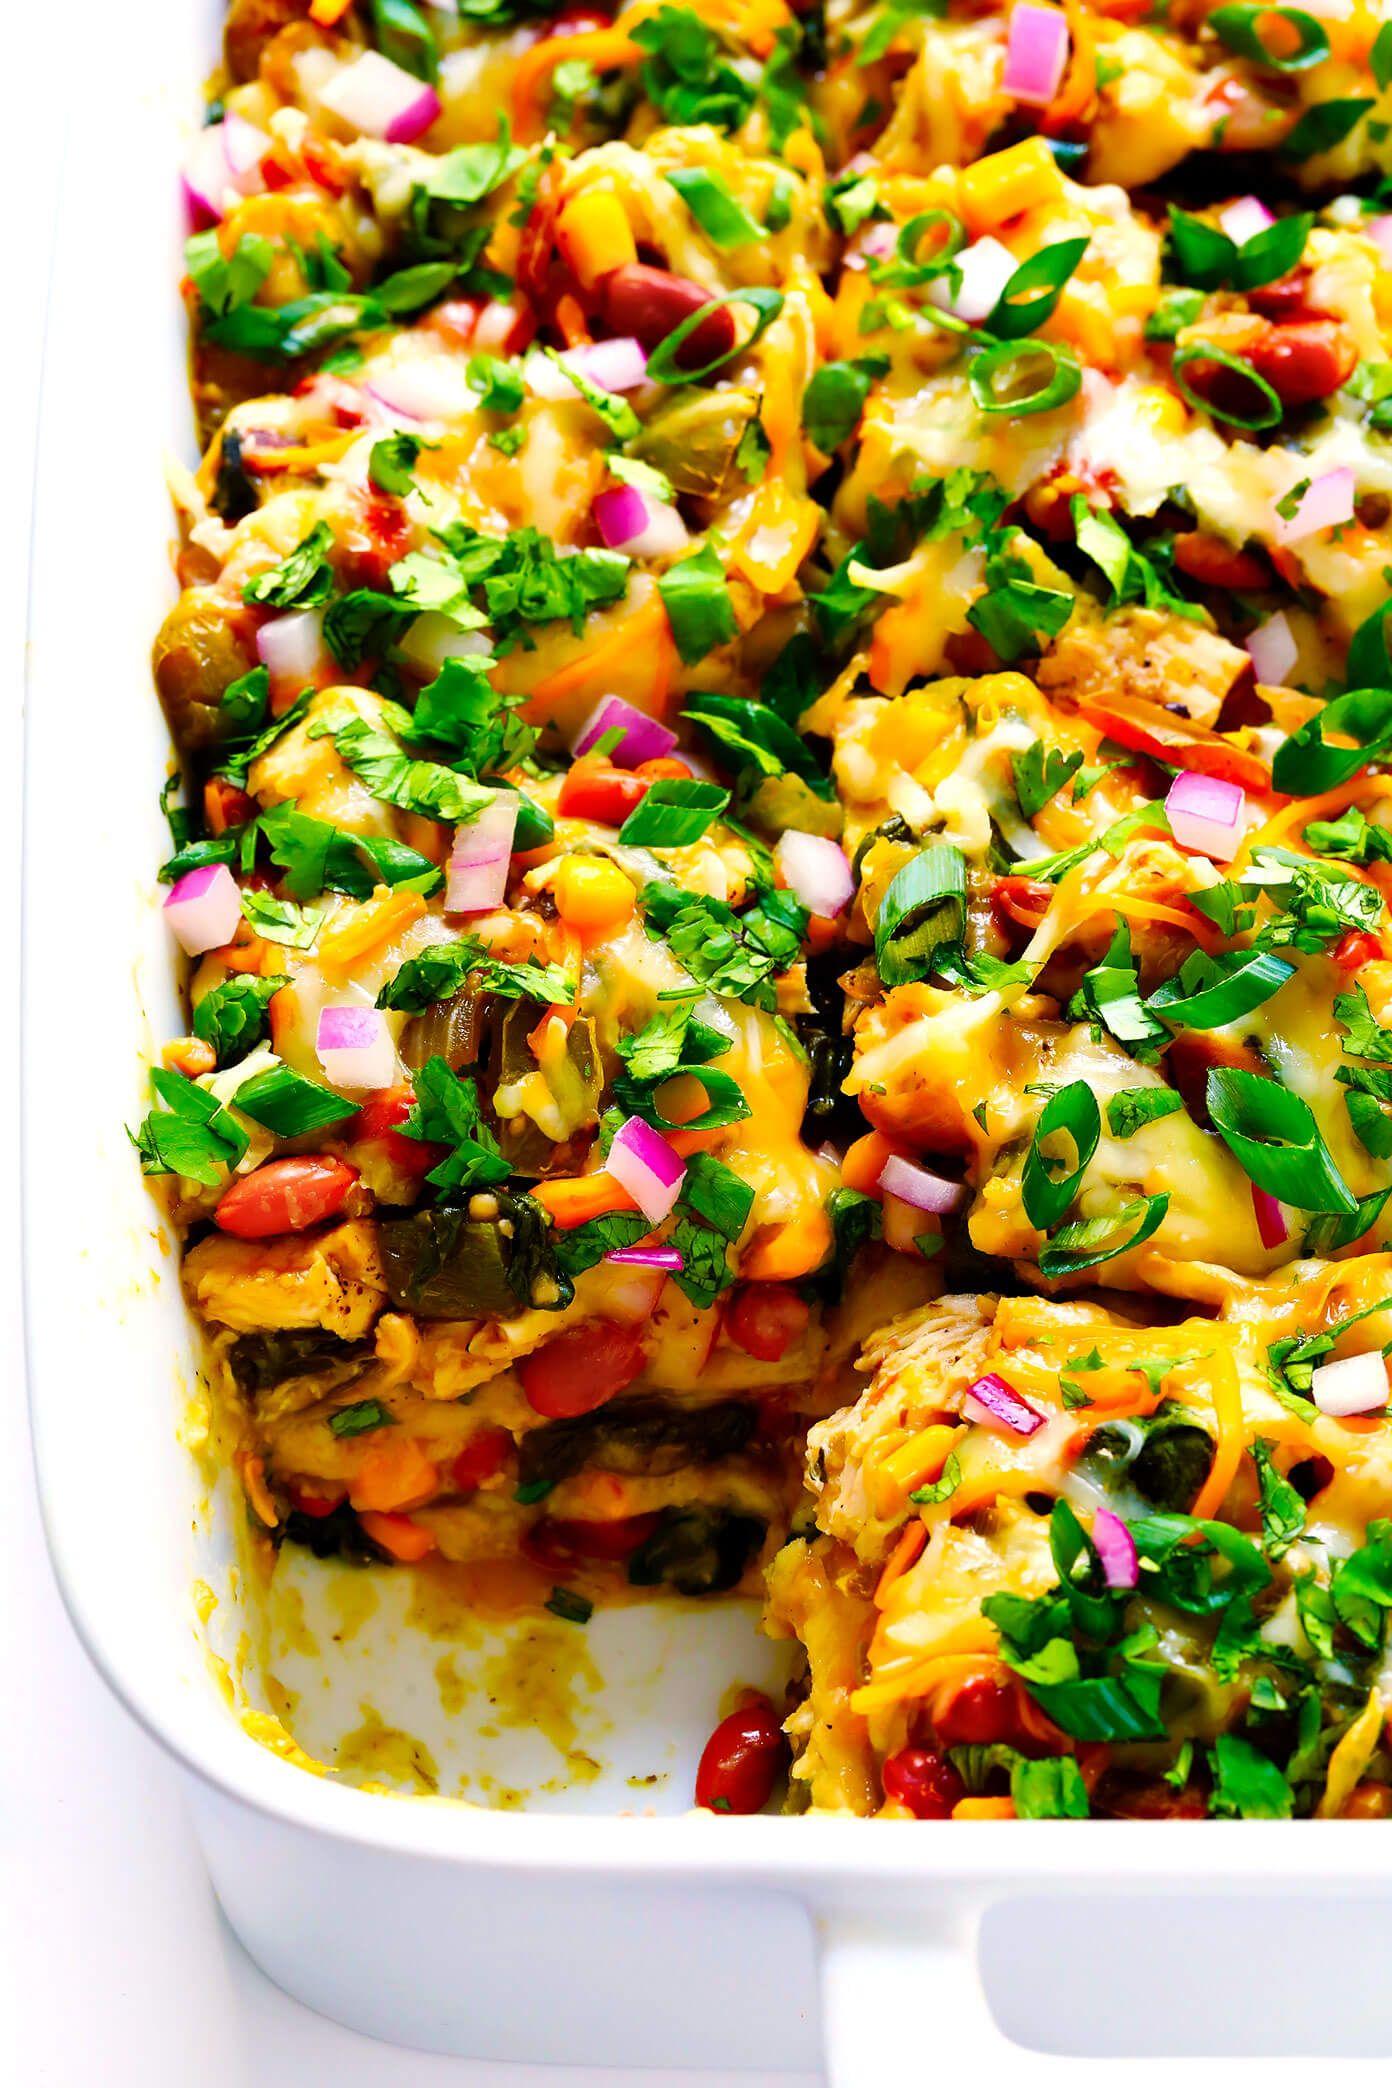 Verde Chicken Enchilada Casserole images